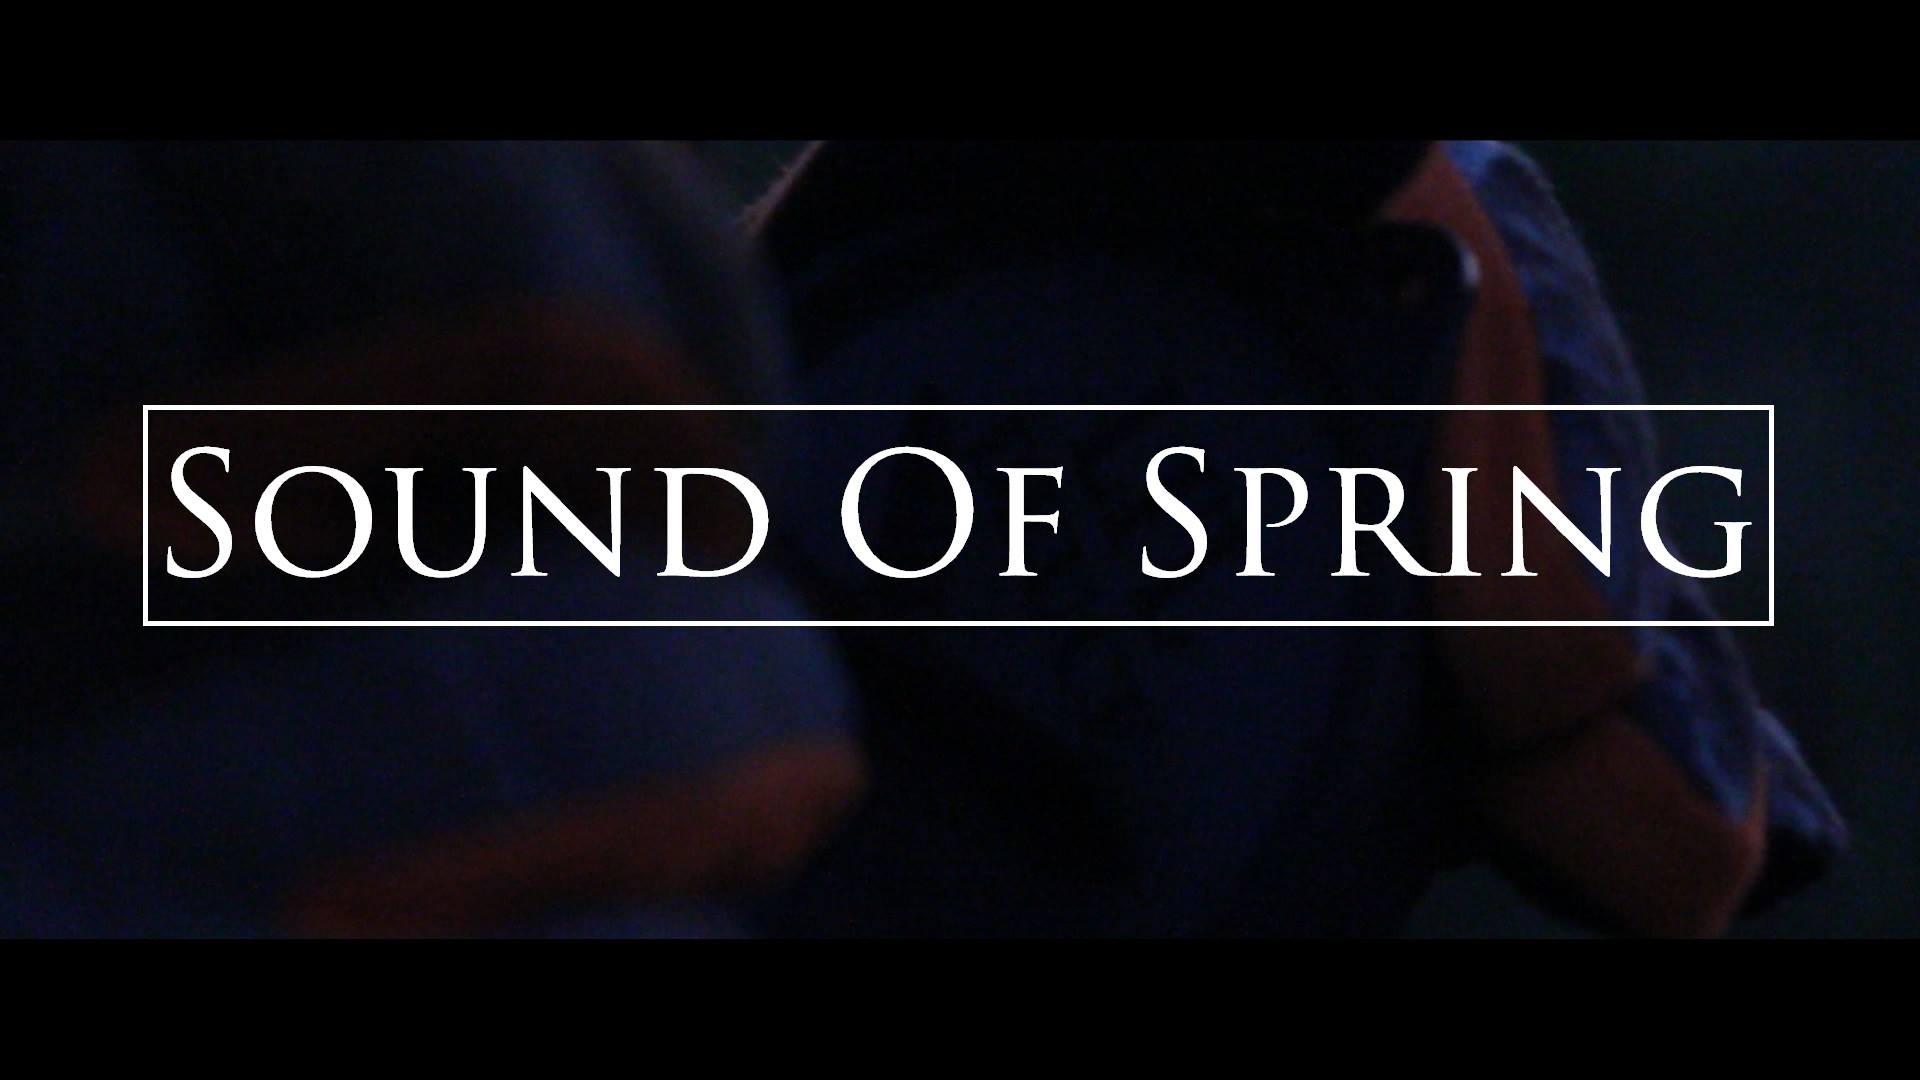 Sound of Spring